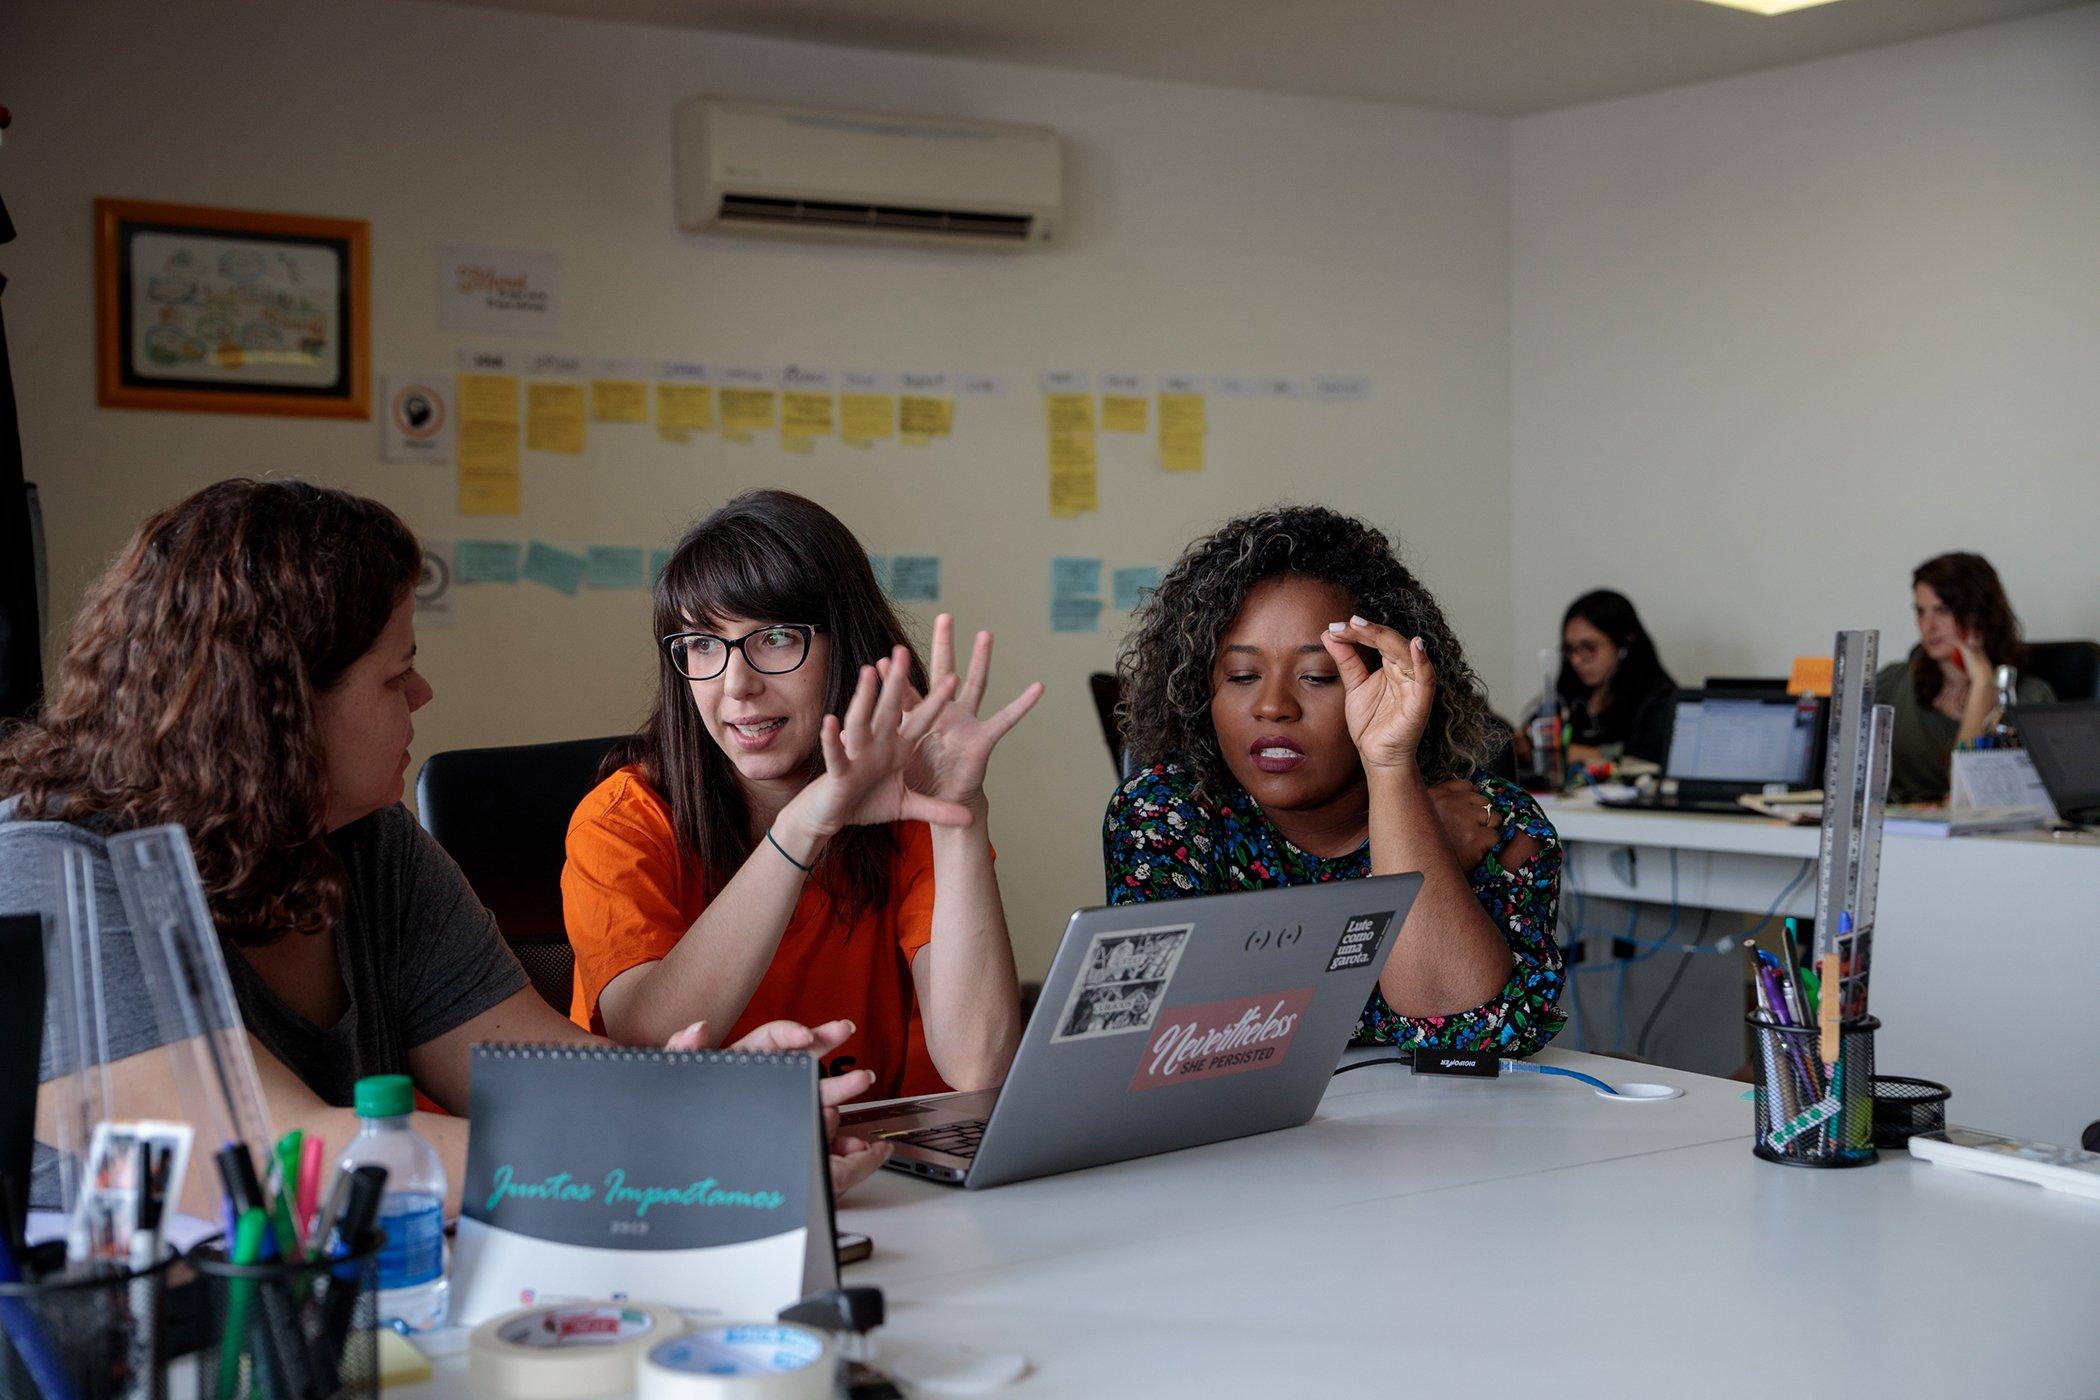 GCPrize_Luisa Bonin_Patricia MonteiroForGlobalCitizen_010.jpg